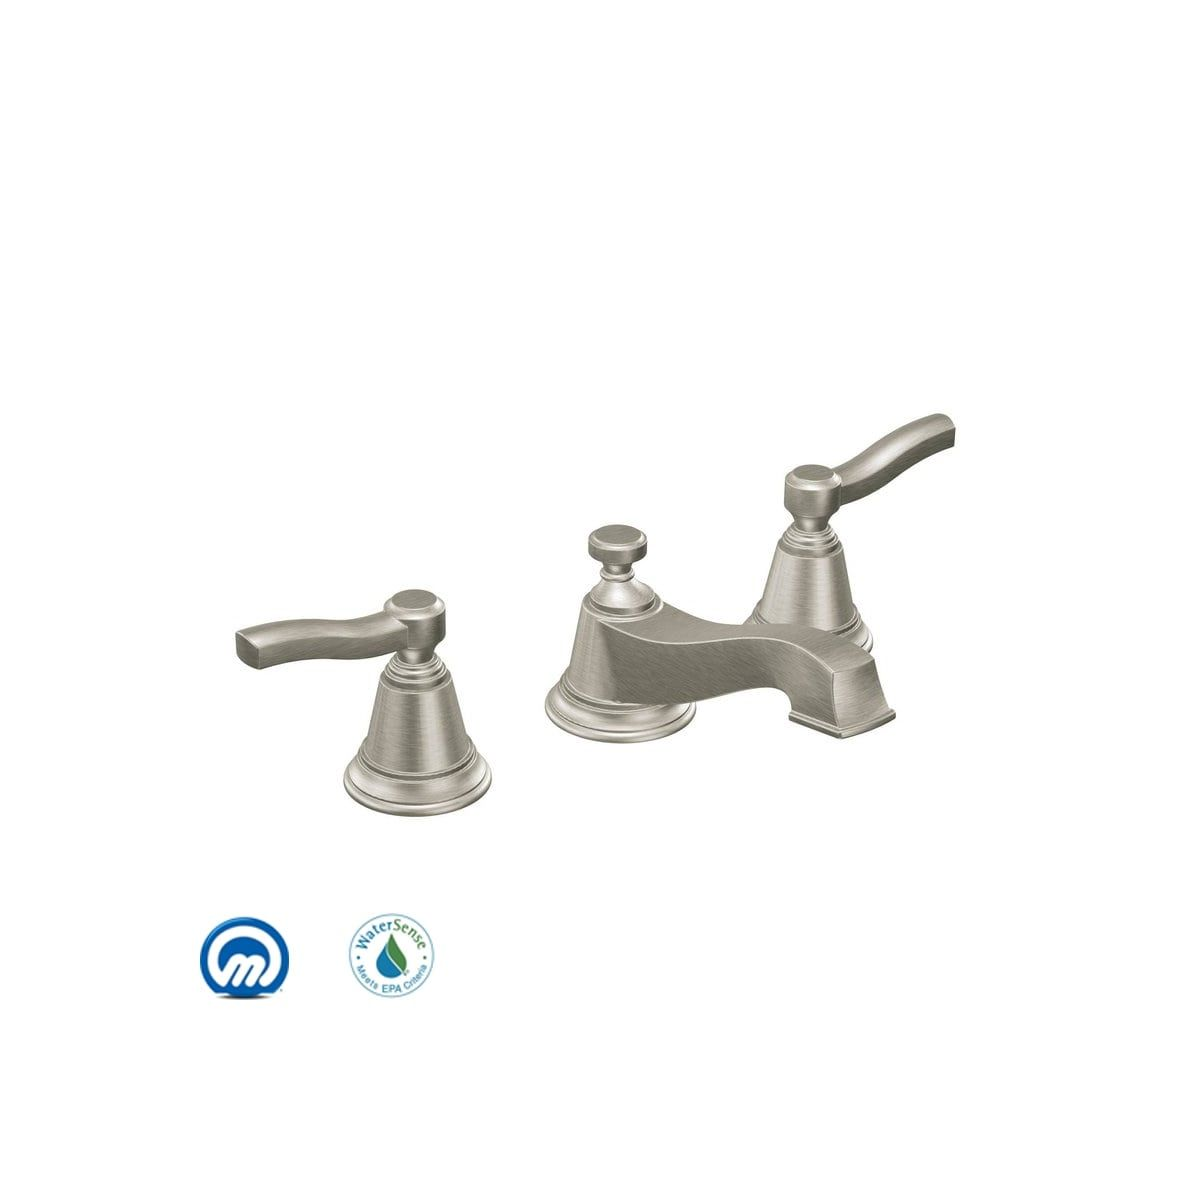 Moen Ts6205 Widespread Bathroom Faucet Bathroom Faucets Faucet